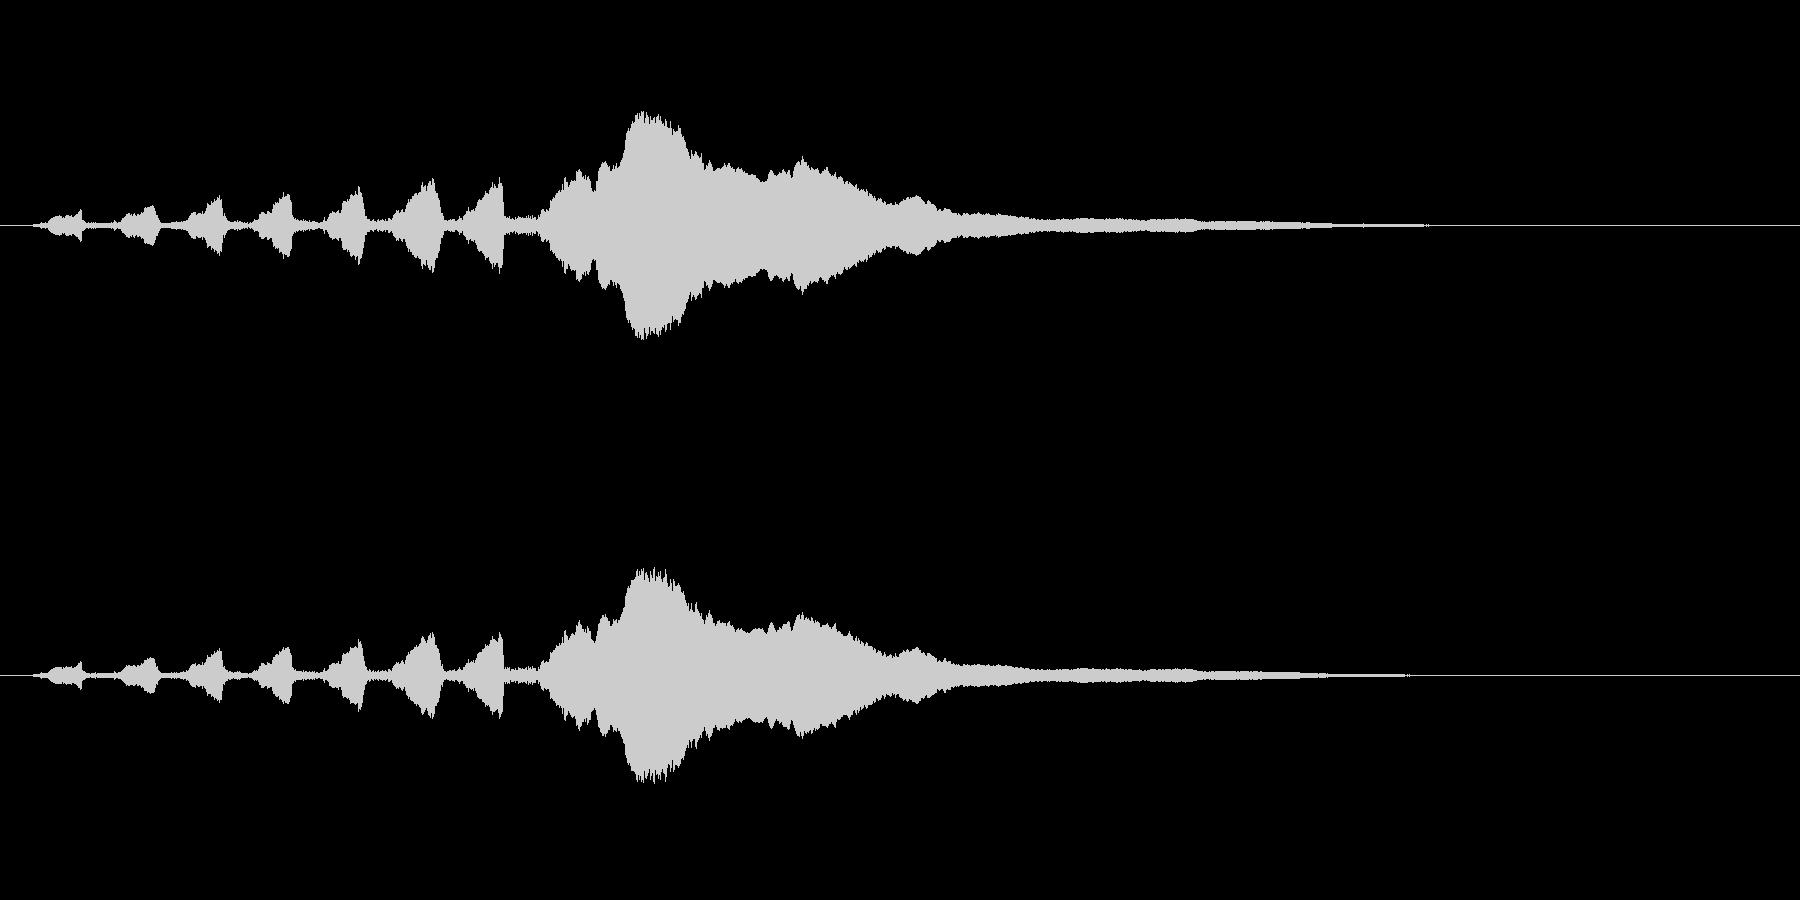 スライドホイッスル-2の未再生の波形